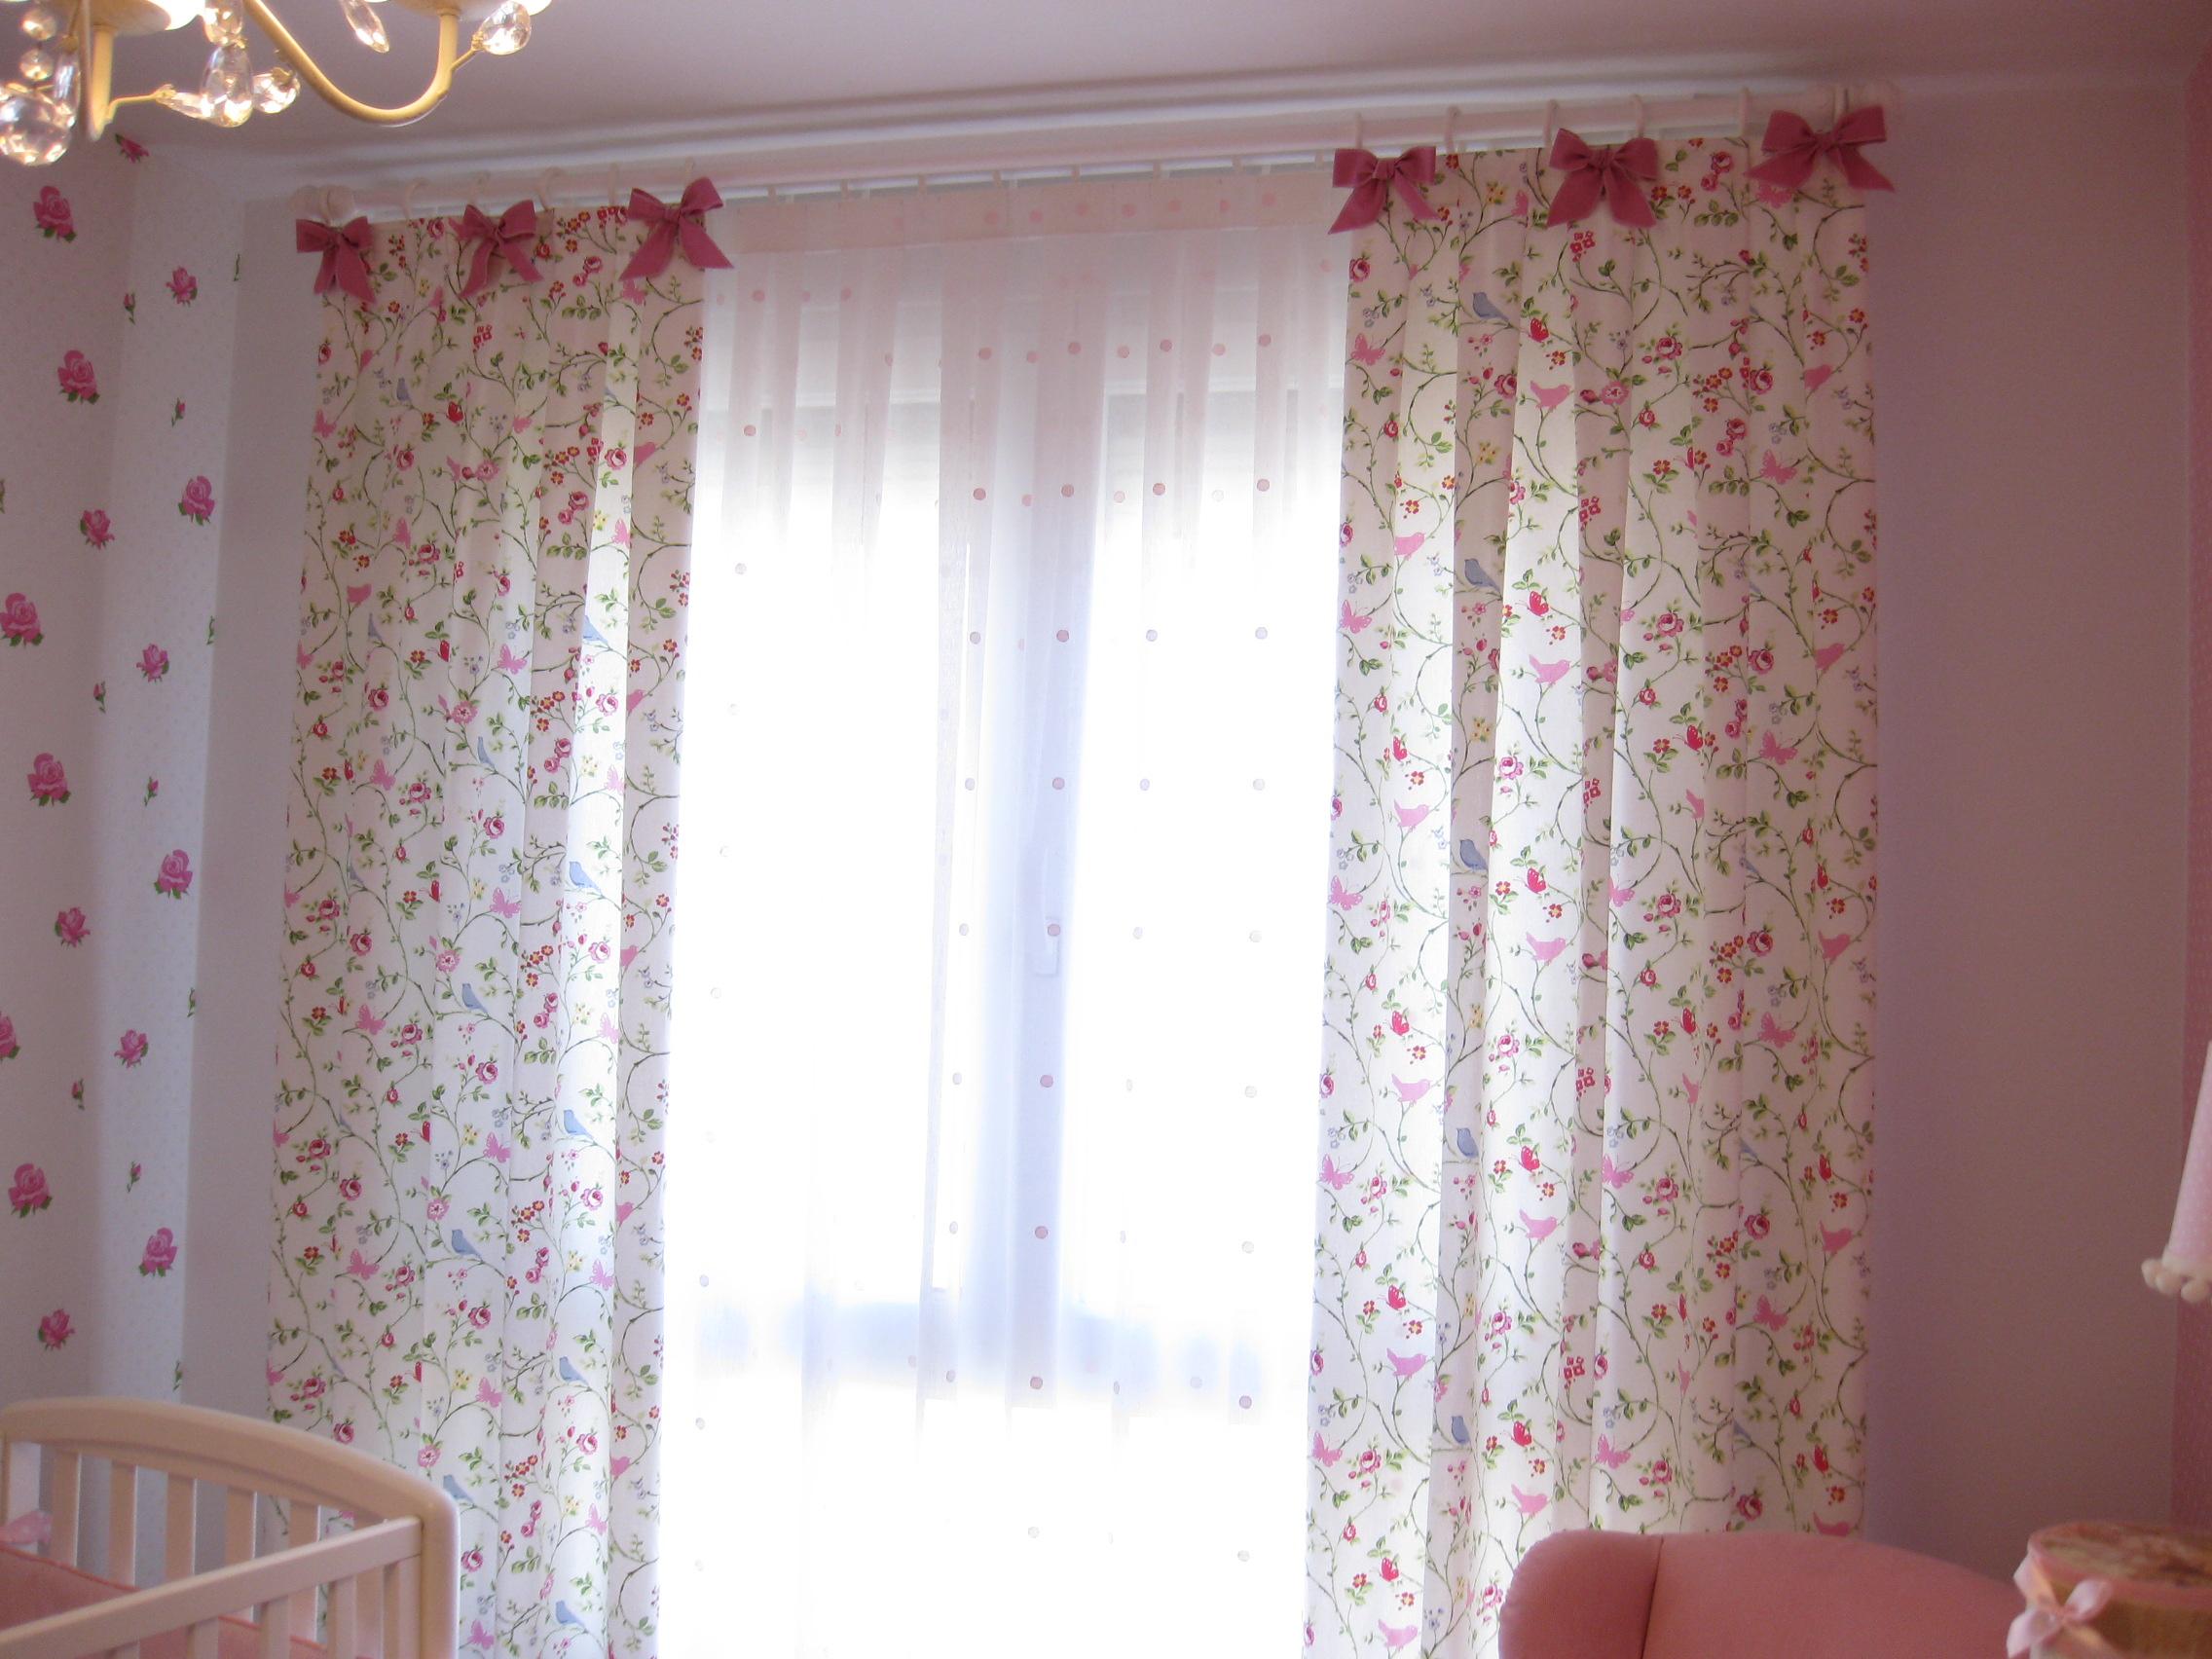 La preciosa habitaci n de claudia villalba interiorismo - Cortinas habitacion juvenil ...